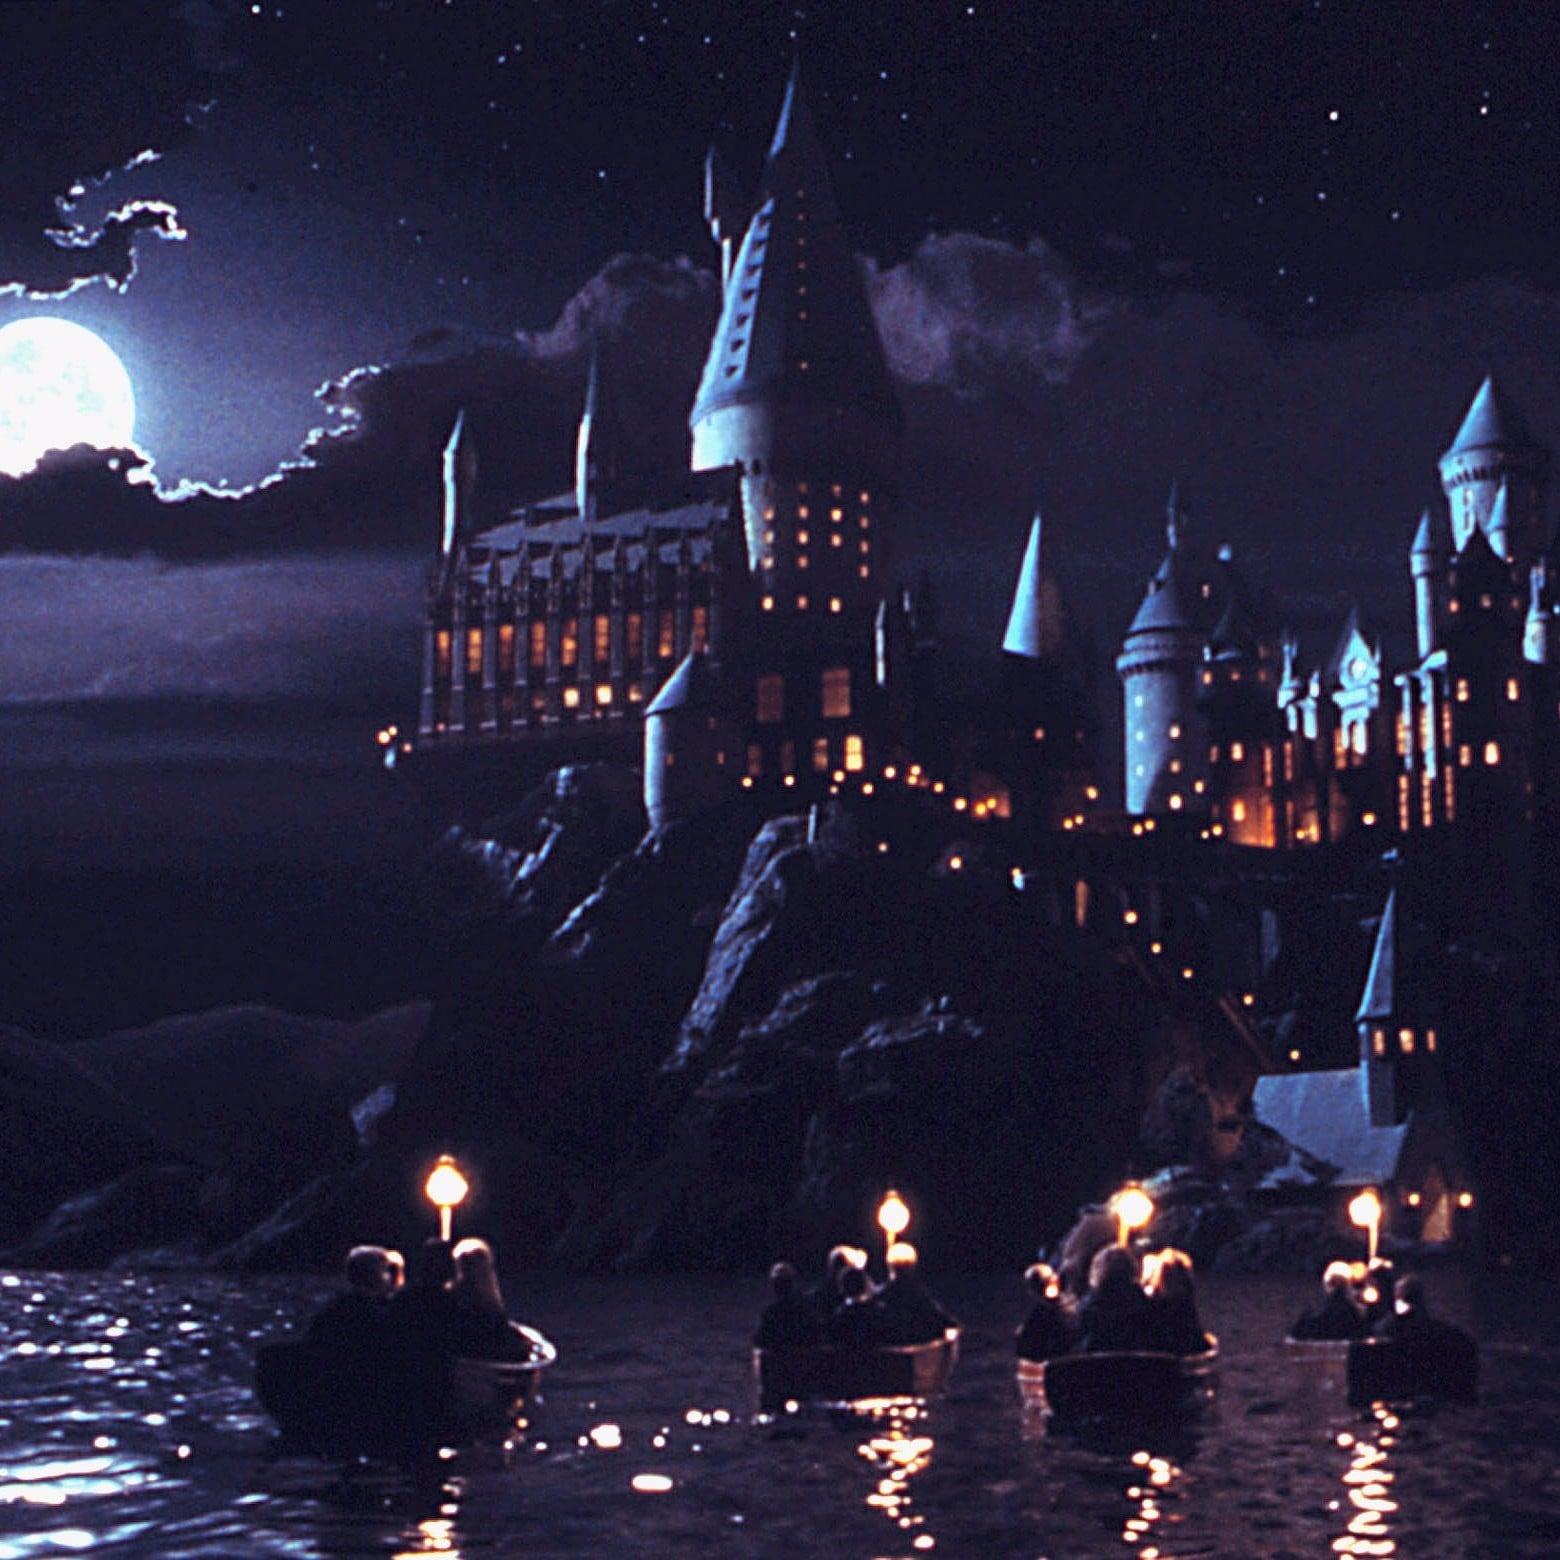 Harry Potter ASMR Videos | POPSUGAR Smart Living